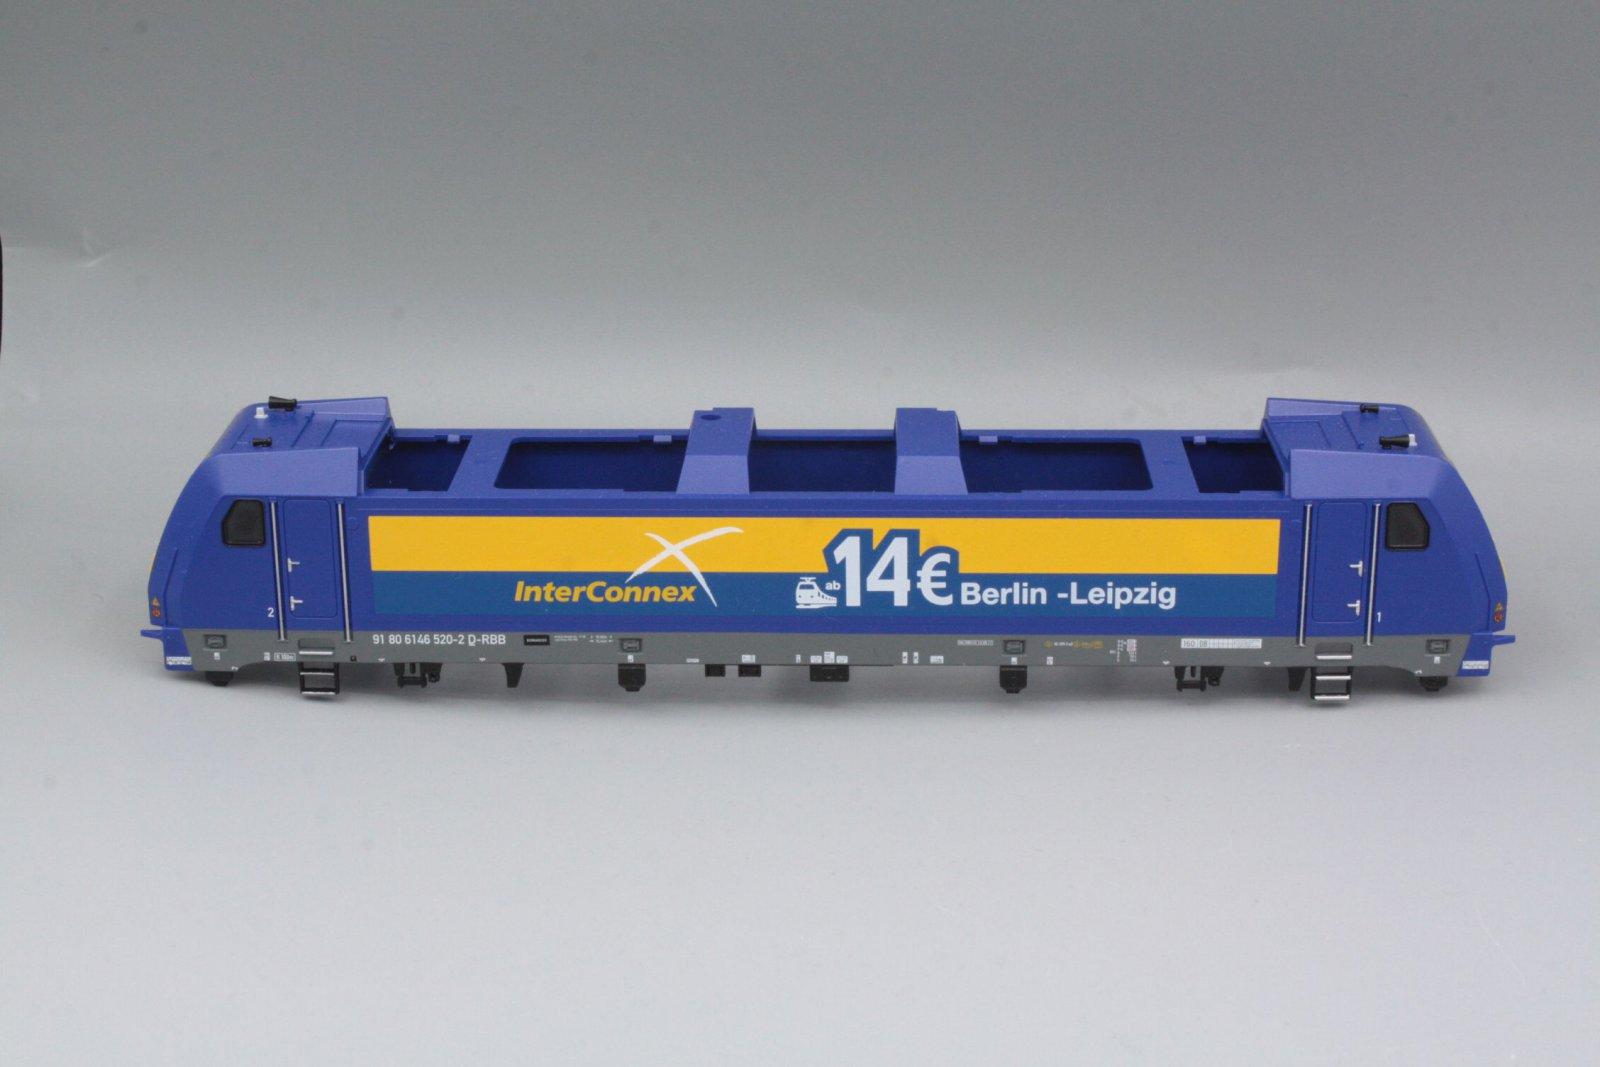 Ersatzteil Piko 146 520-2 Gehäuse Inter Connex blau/ gelb Fenstern, Führerstände